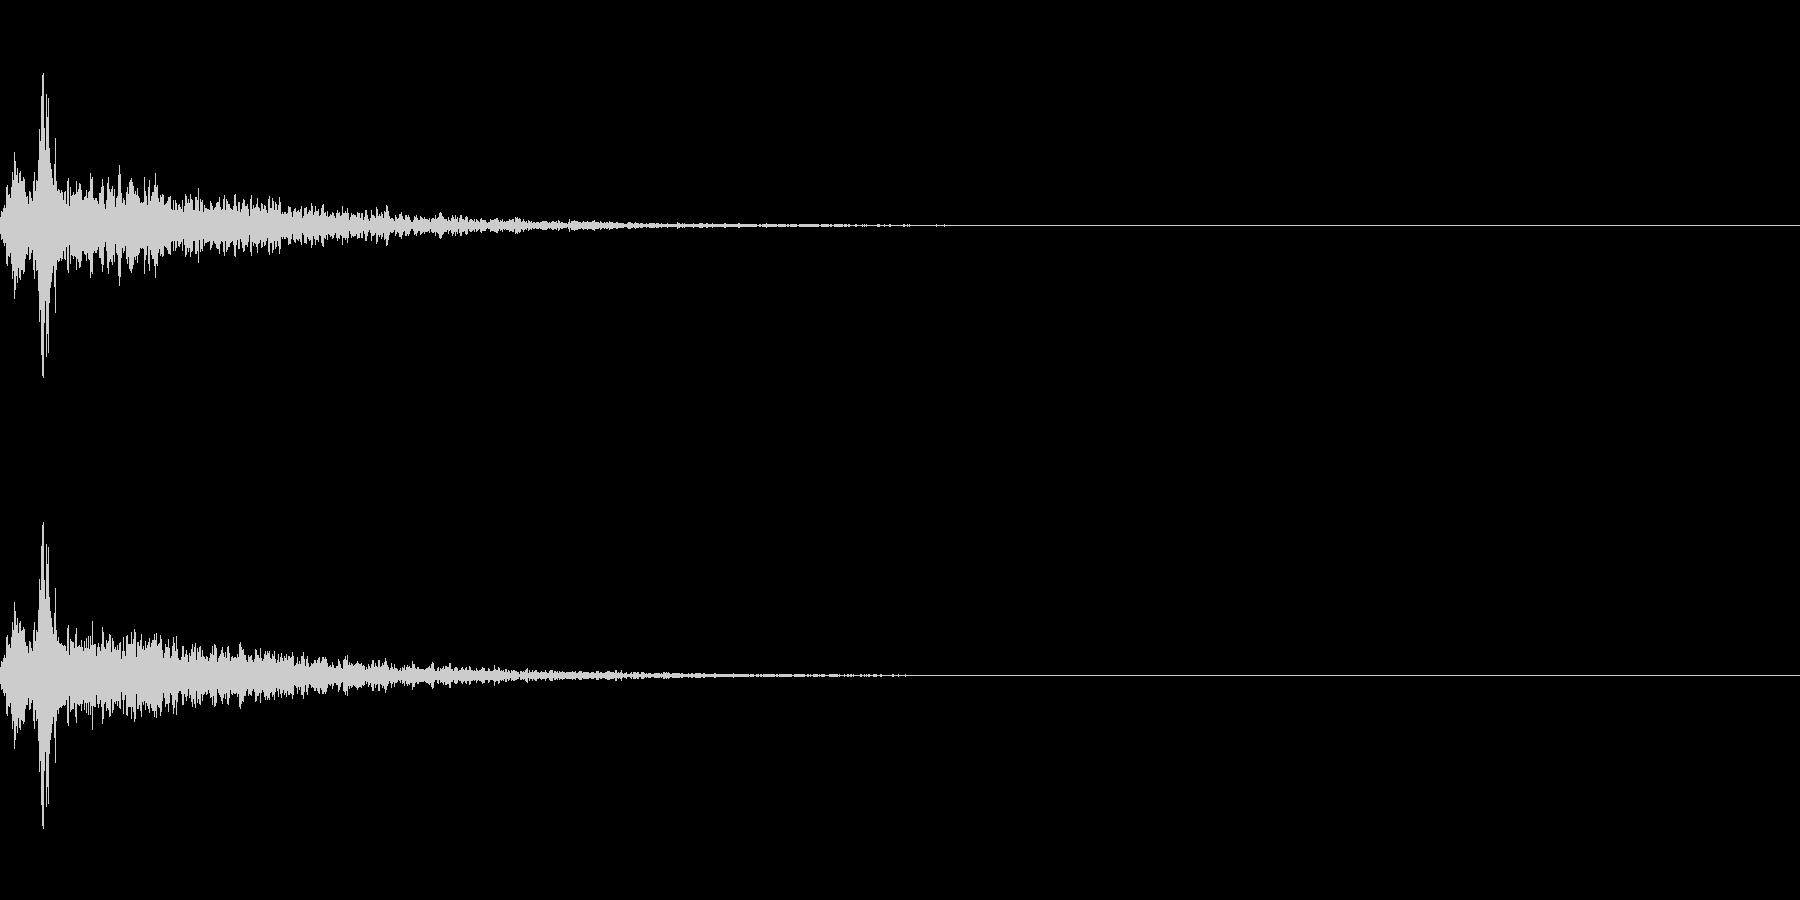 リバーブがかかった神楽鈴(小)を振る音の未再生の波形